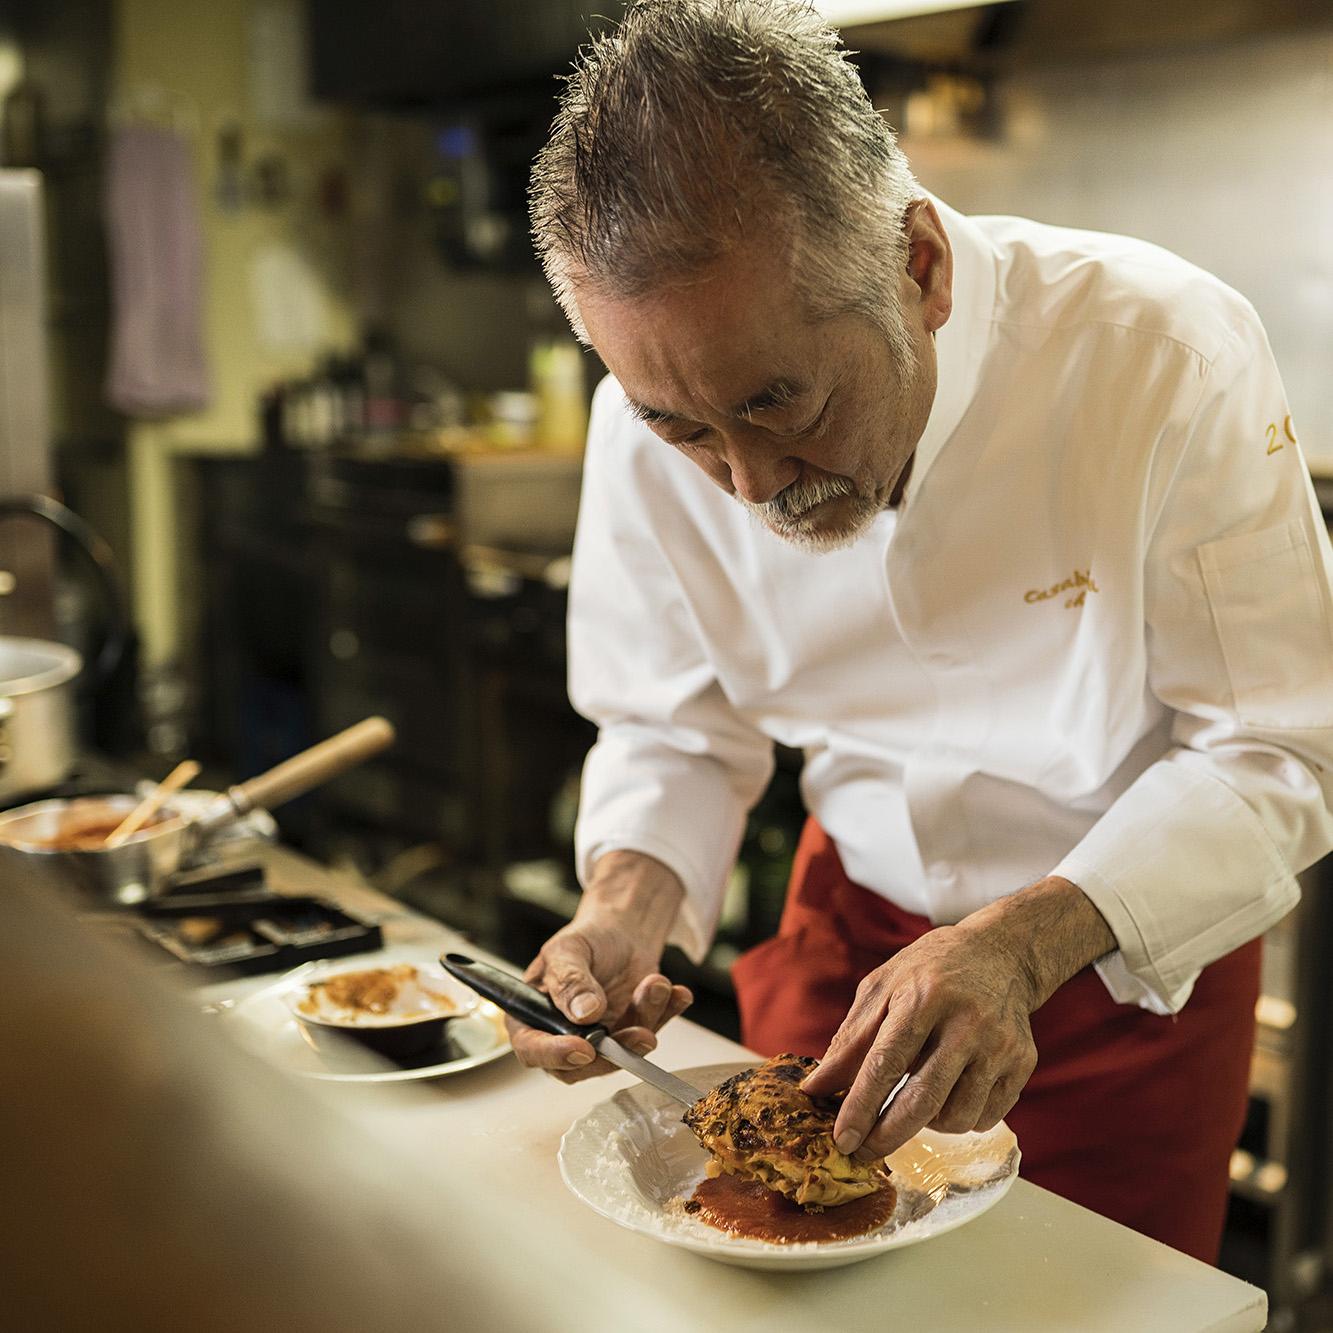 イタリア料理の盛り付けをするシェフ